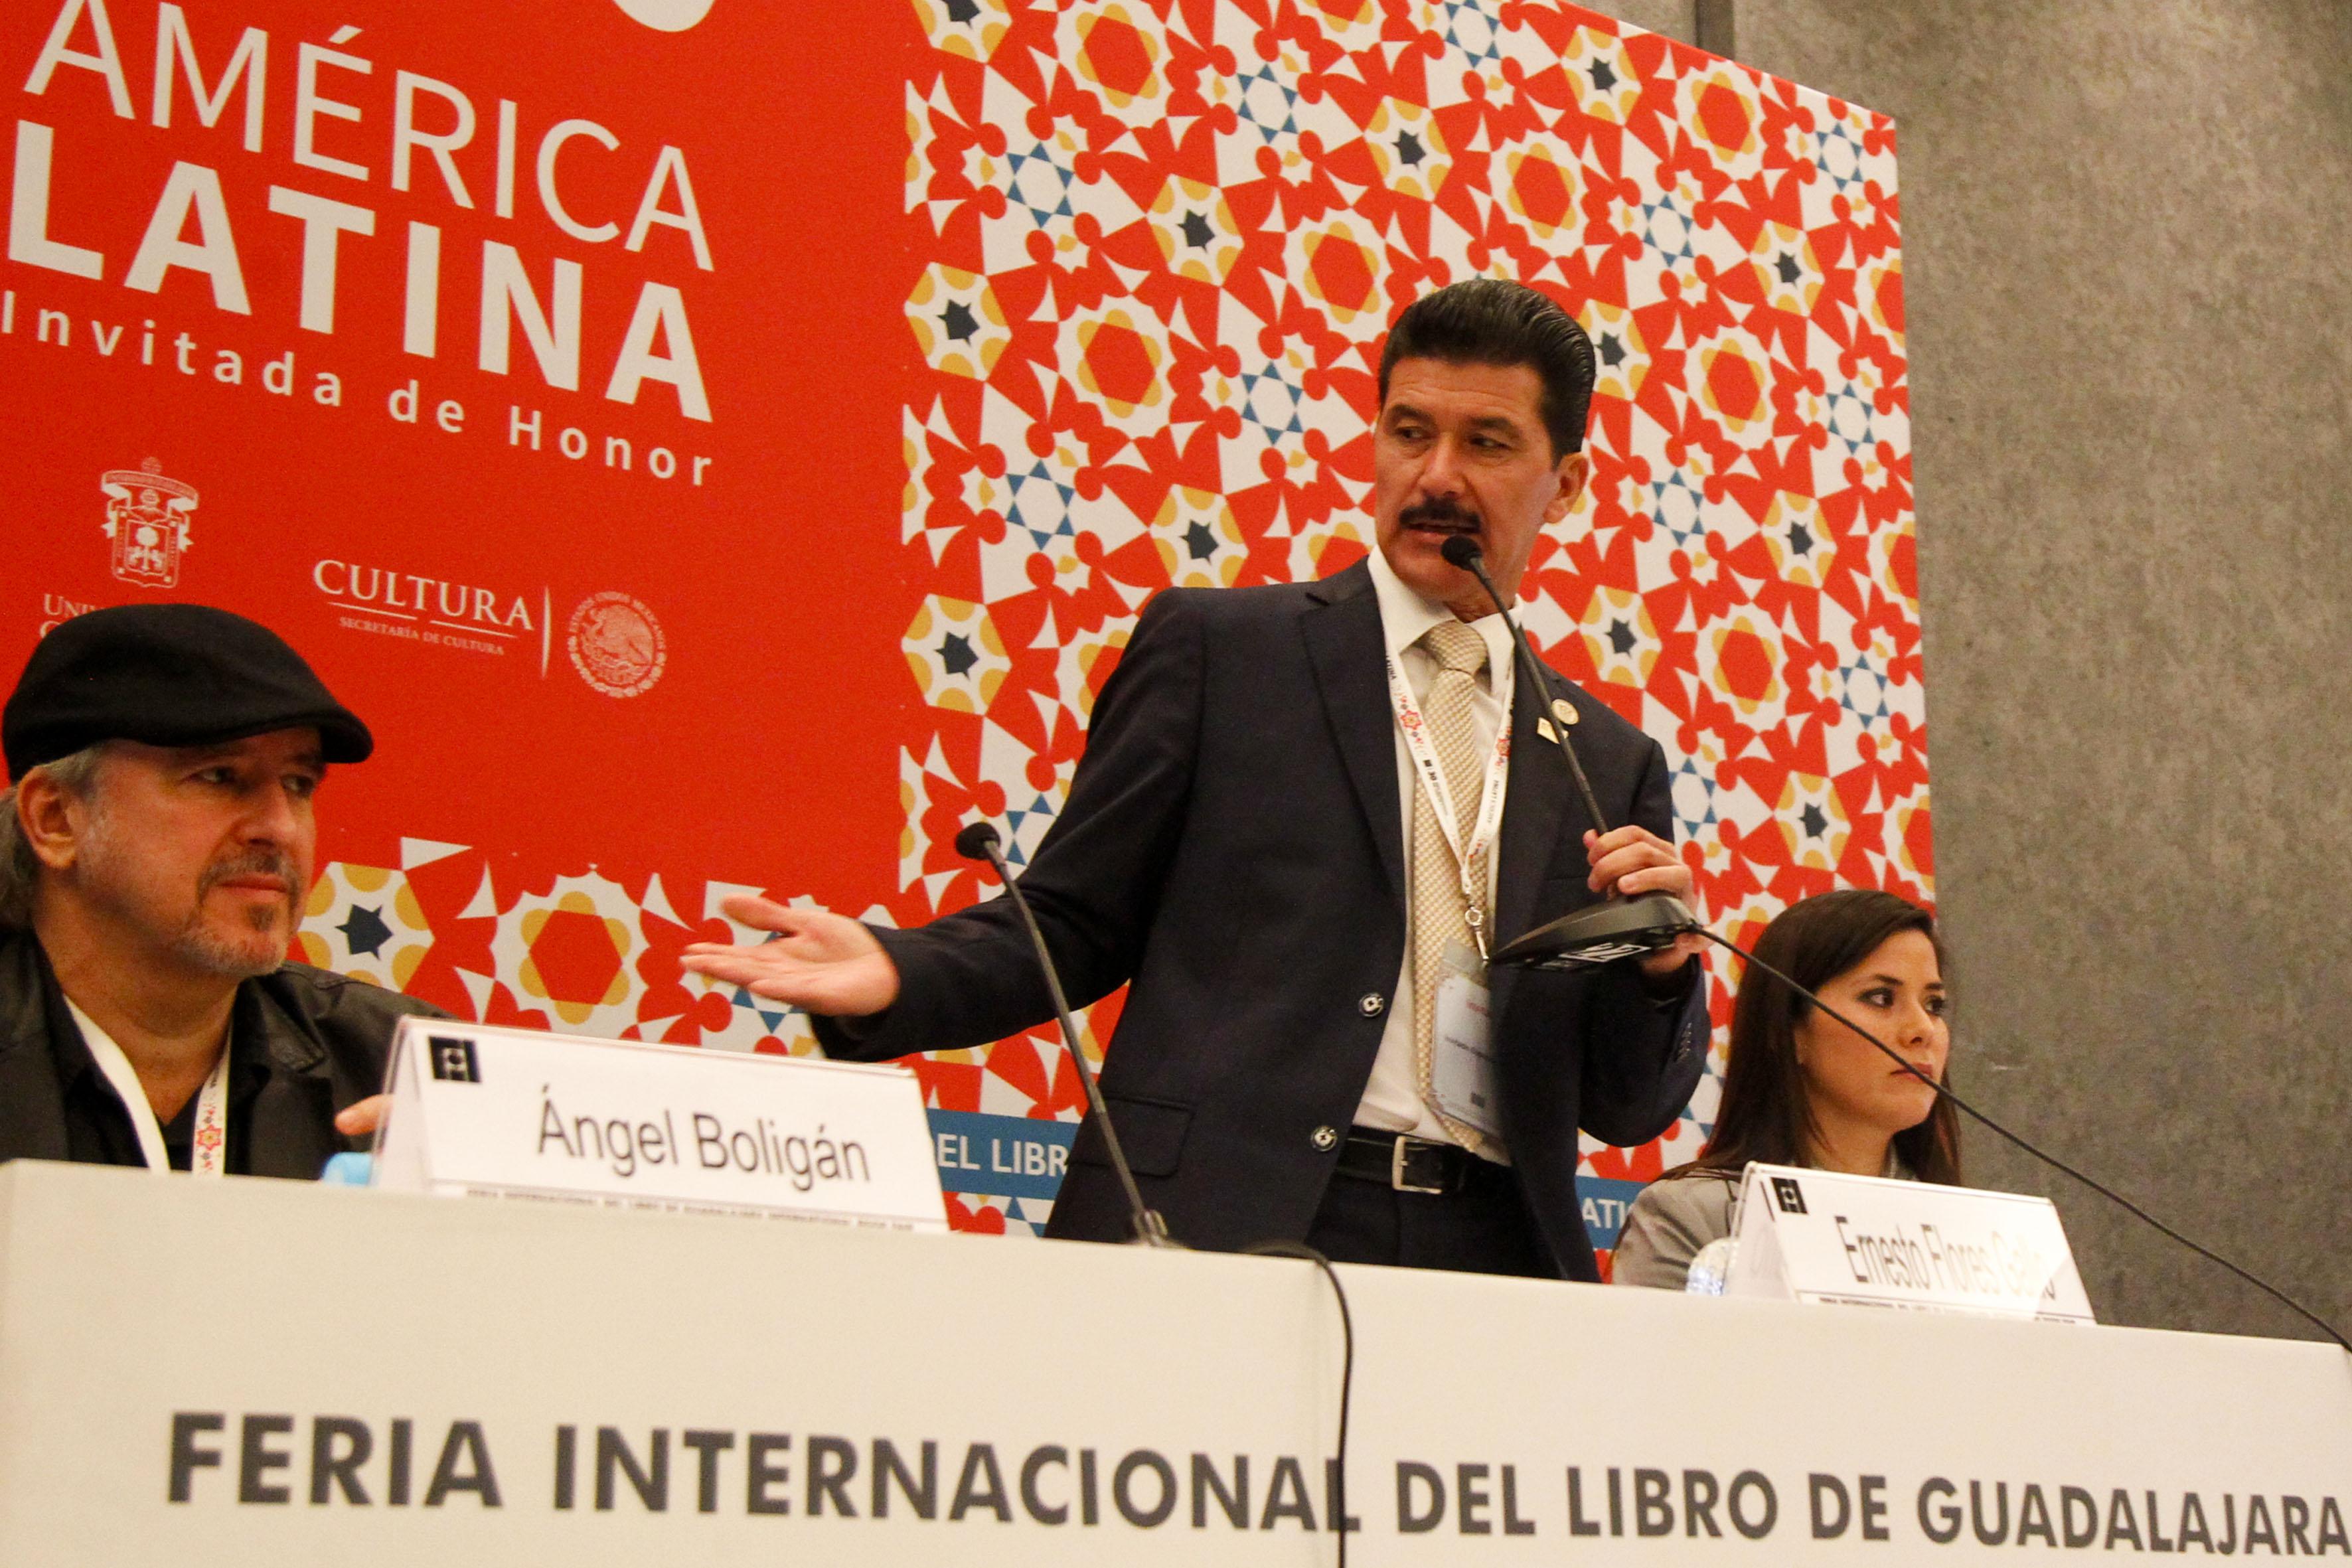 Rector del CUAAD, maestro Ernesto Flores Gallo con micrófono en mano, haciendo uso de la palabra.